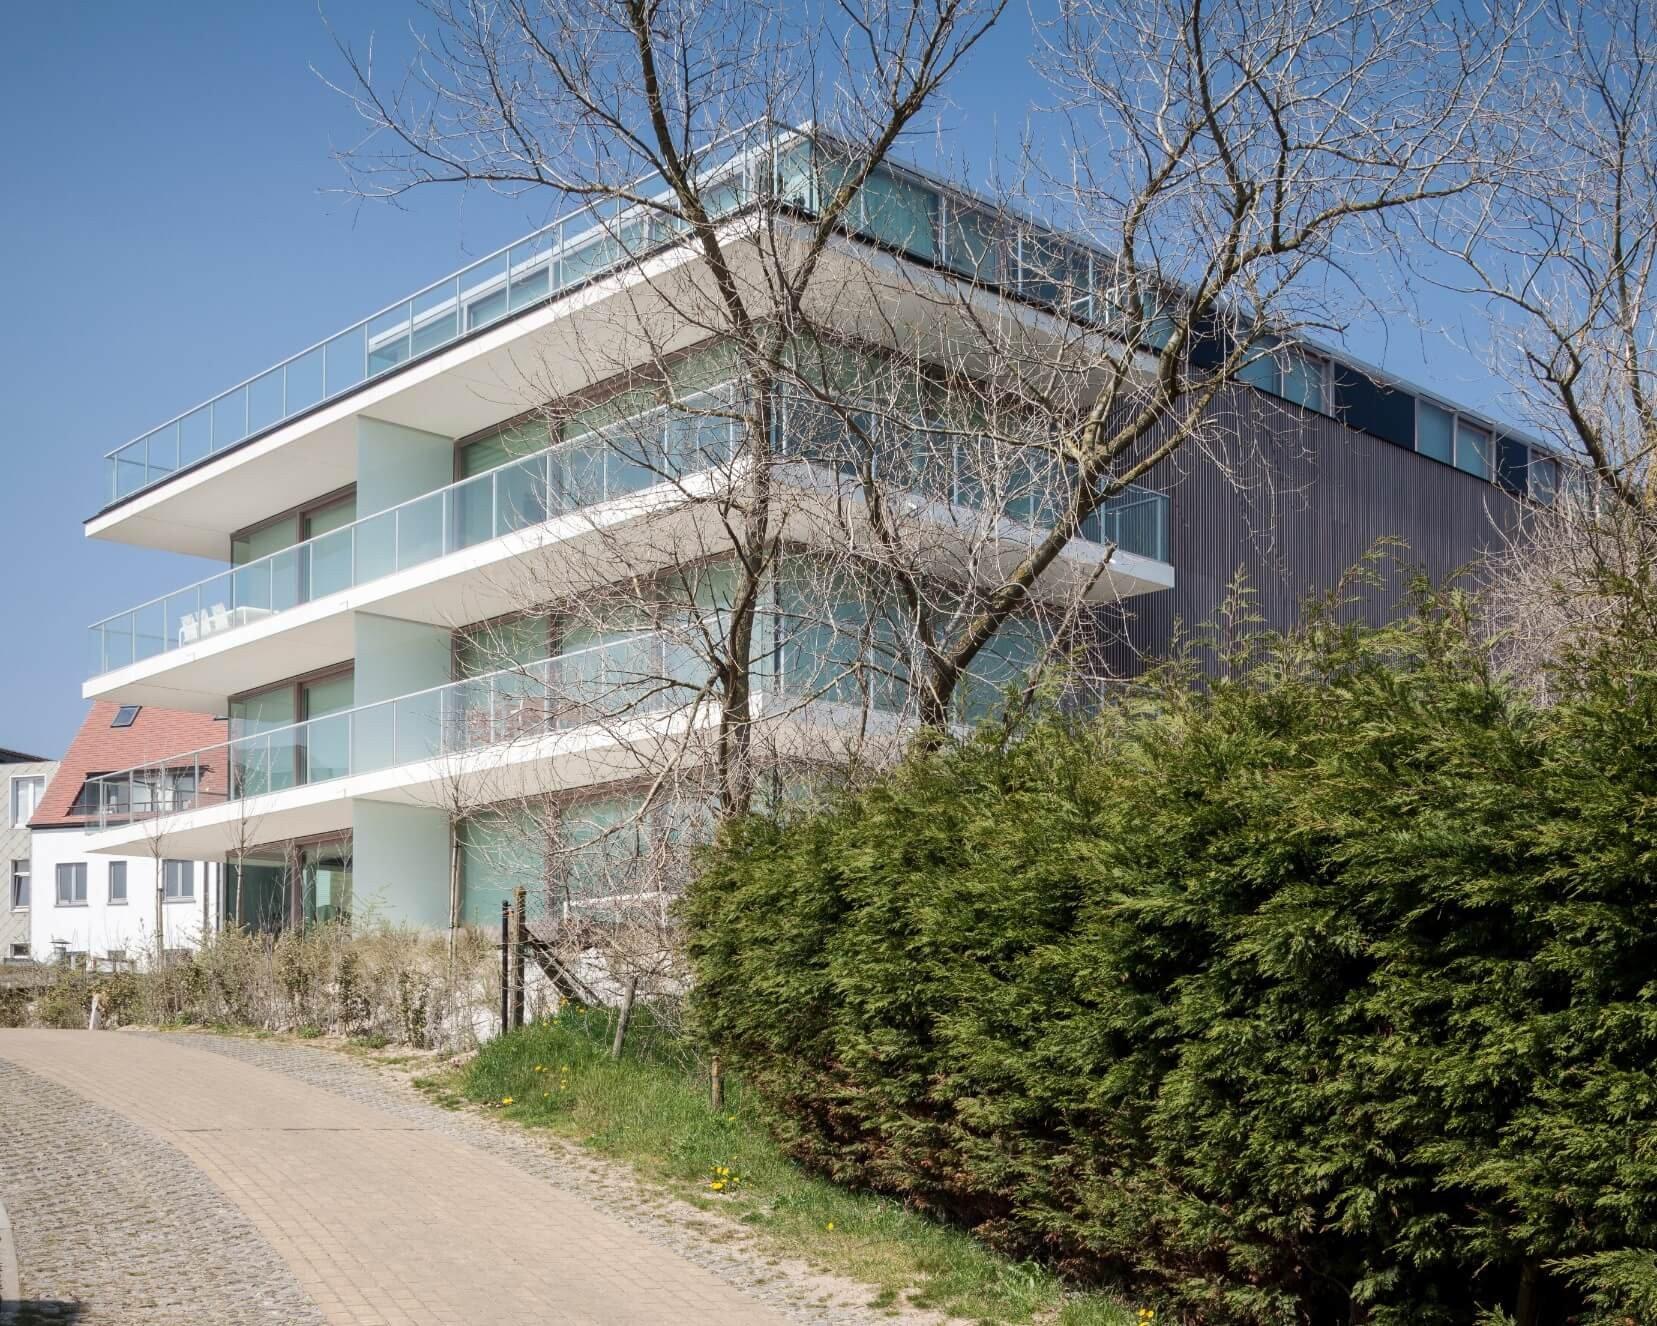 Res-JeanProuve-Rietveldprojects-photobytimvandevelde-15.jpg